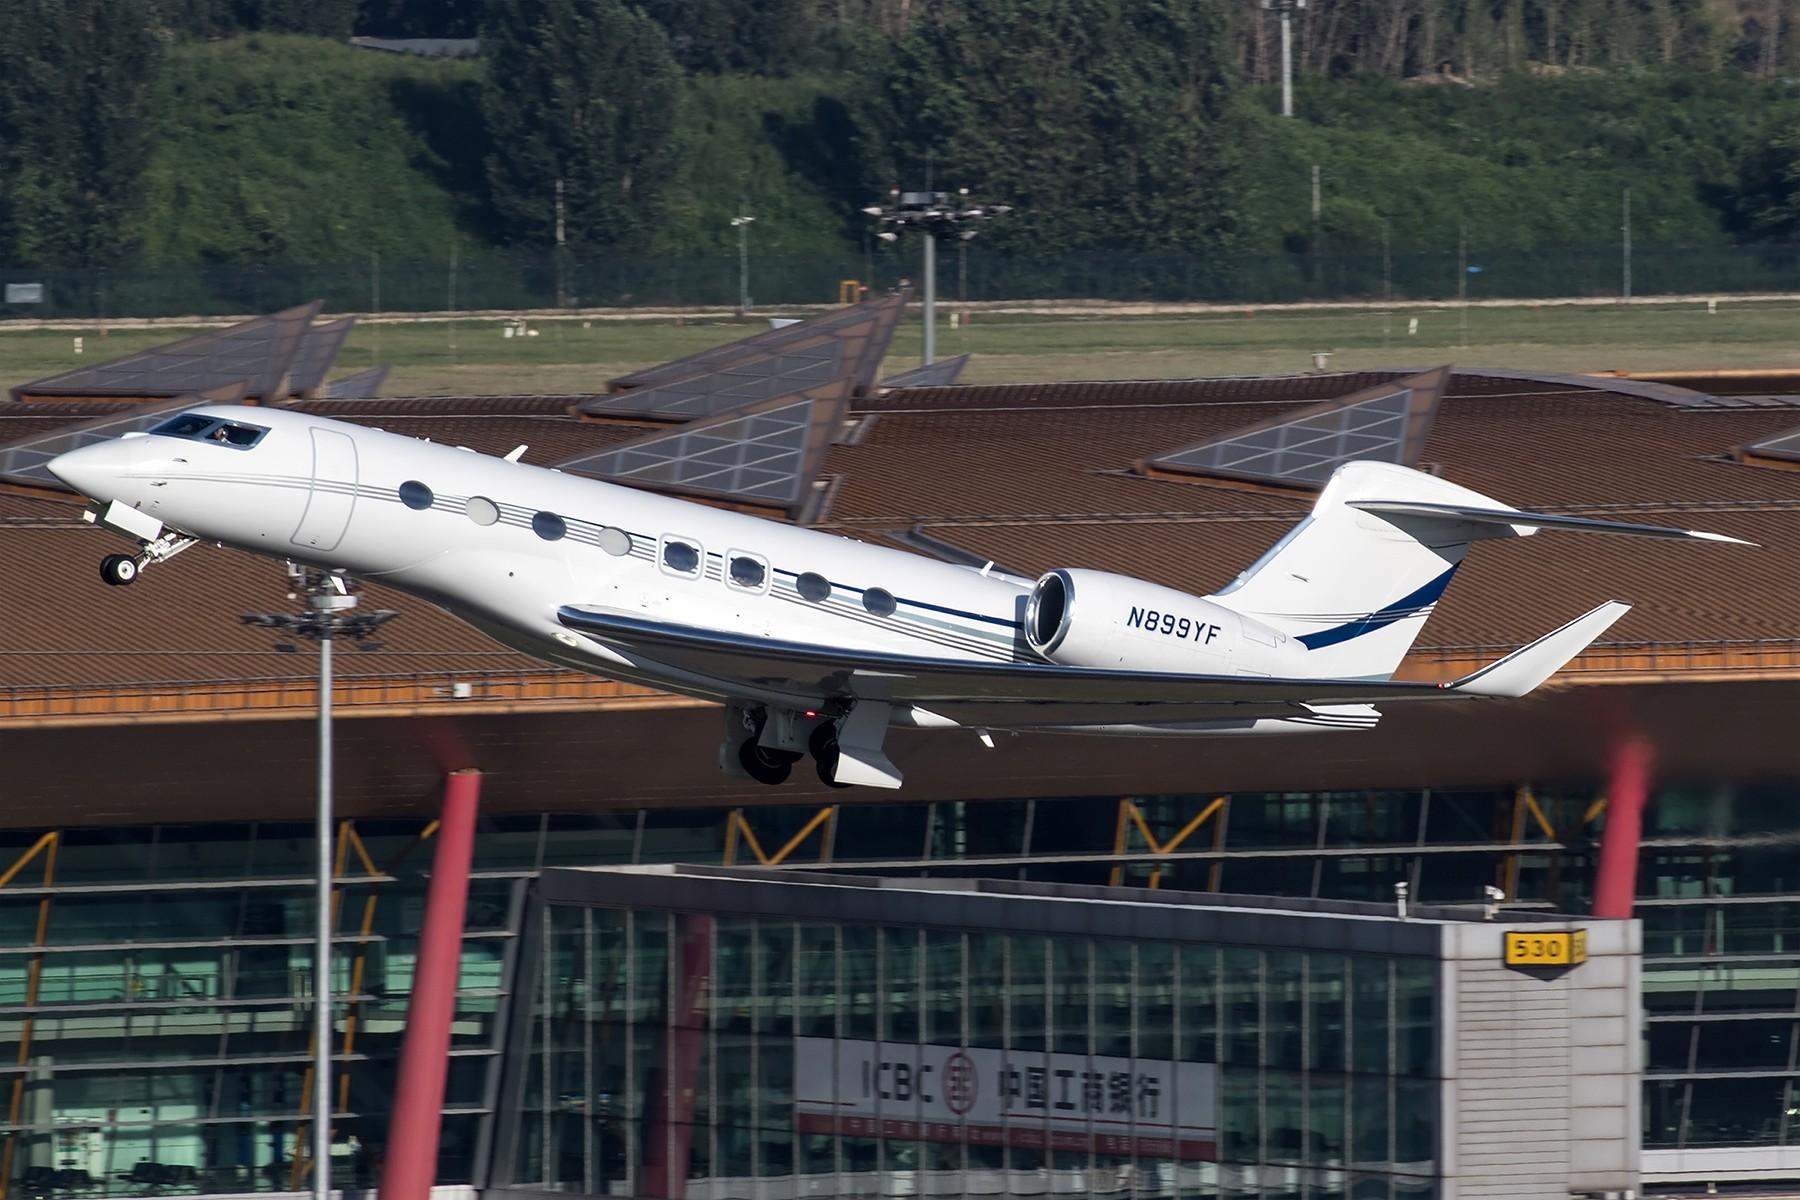 [原创]**一图党**湾流宇航G650~N899YF GULFSTREAM AEROSPACE G650 (G-VI) N899YF 中国北京首都国际机场